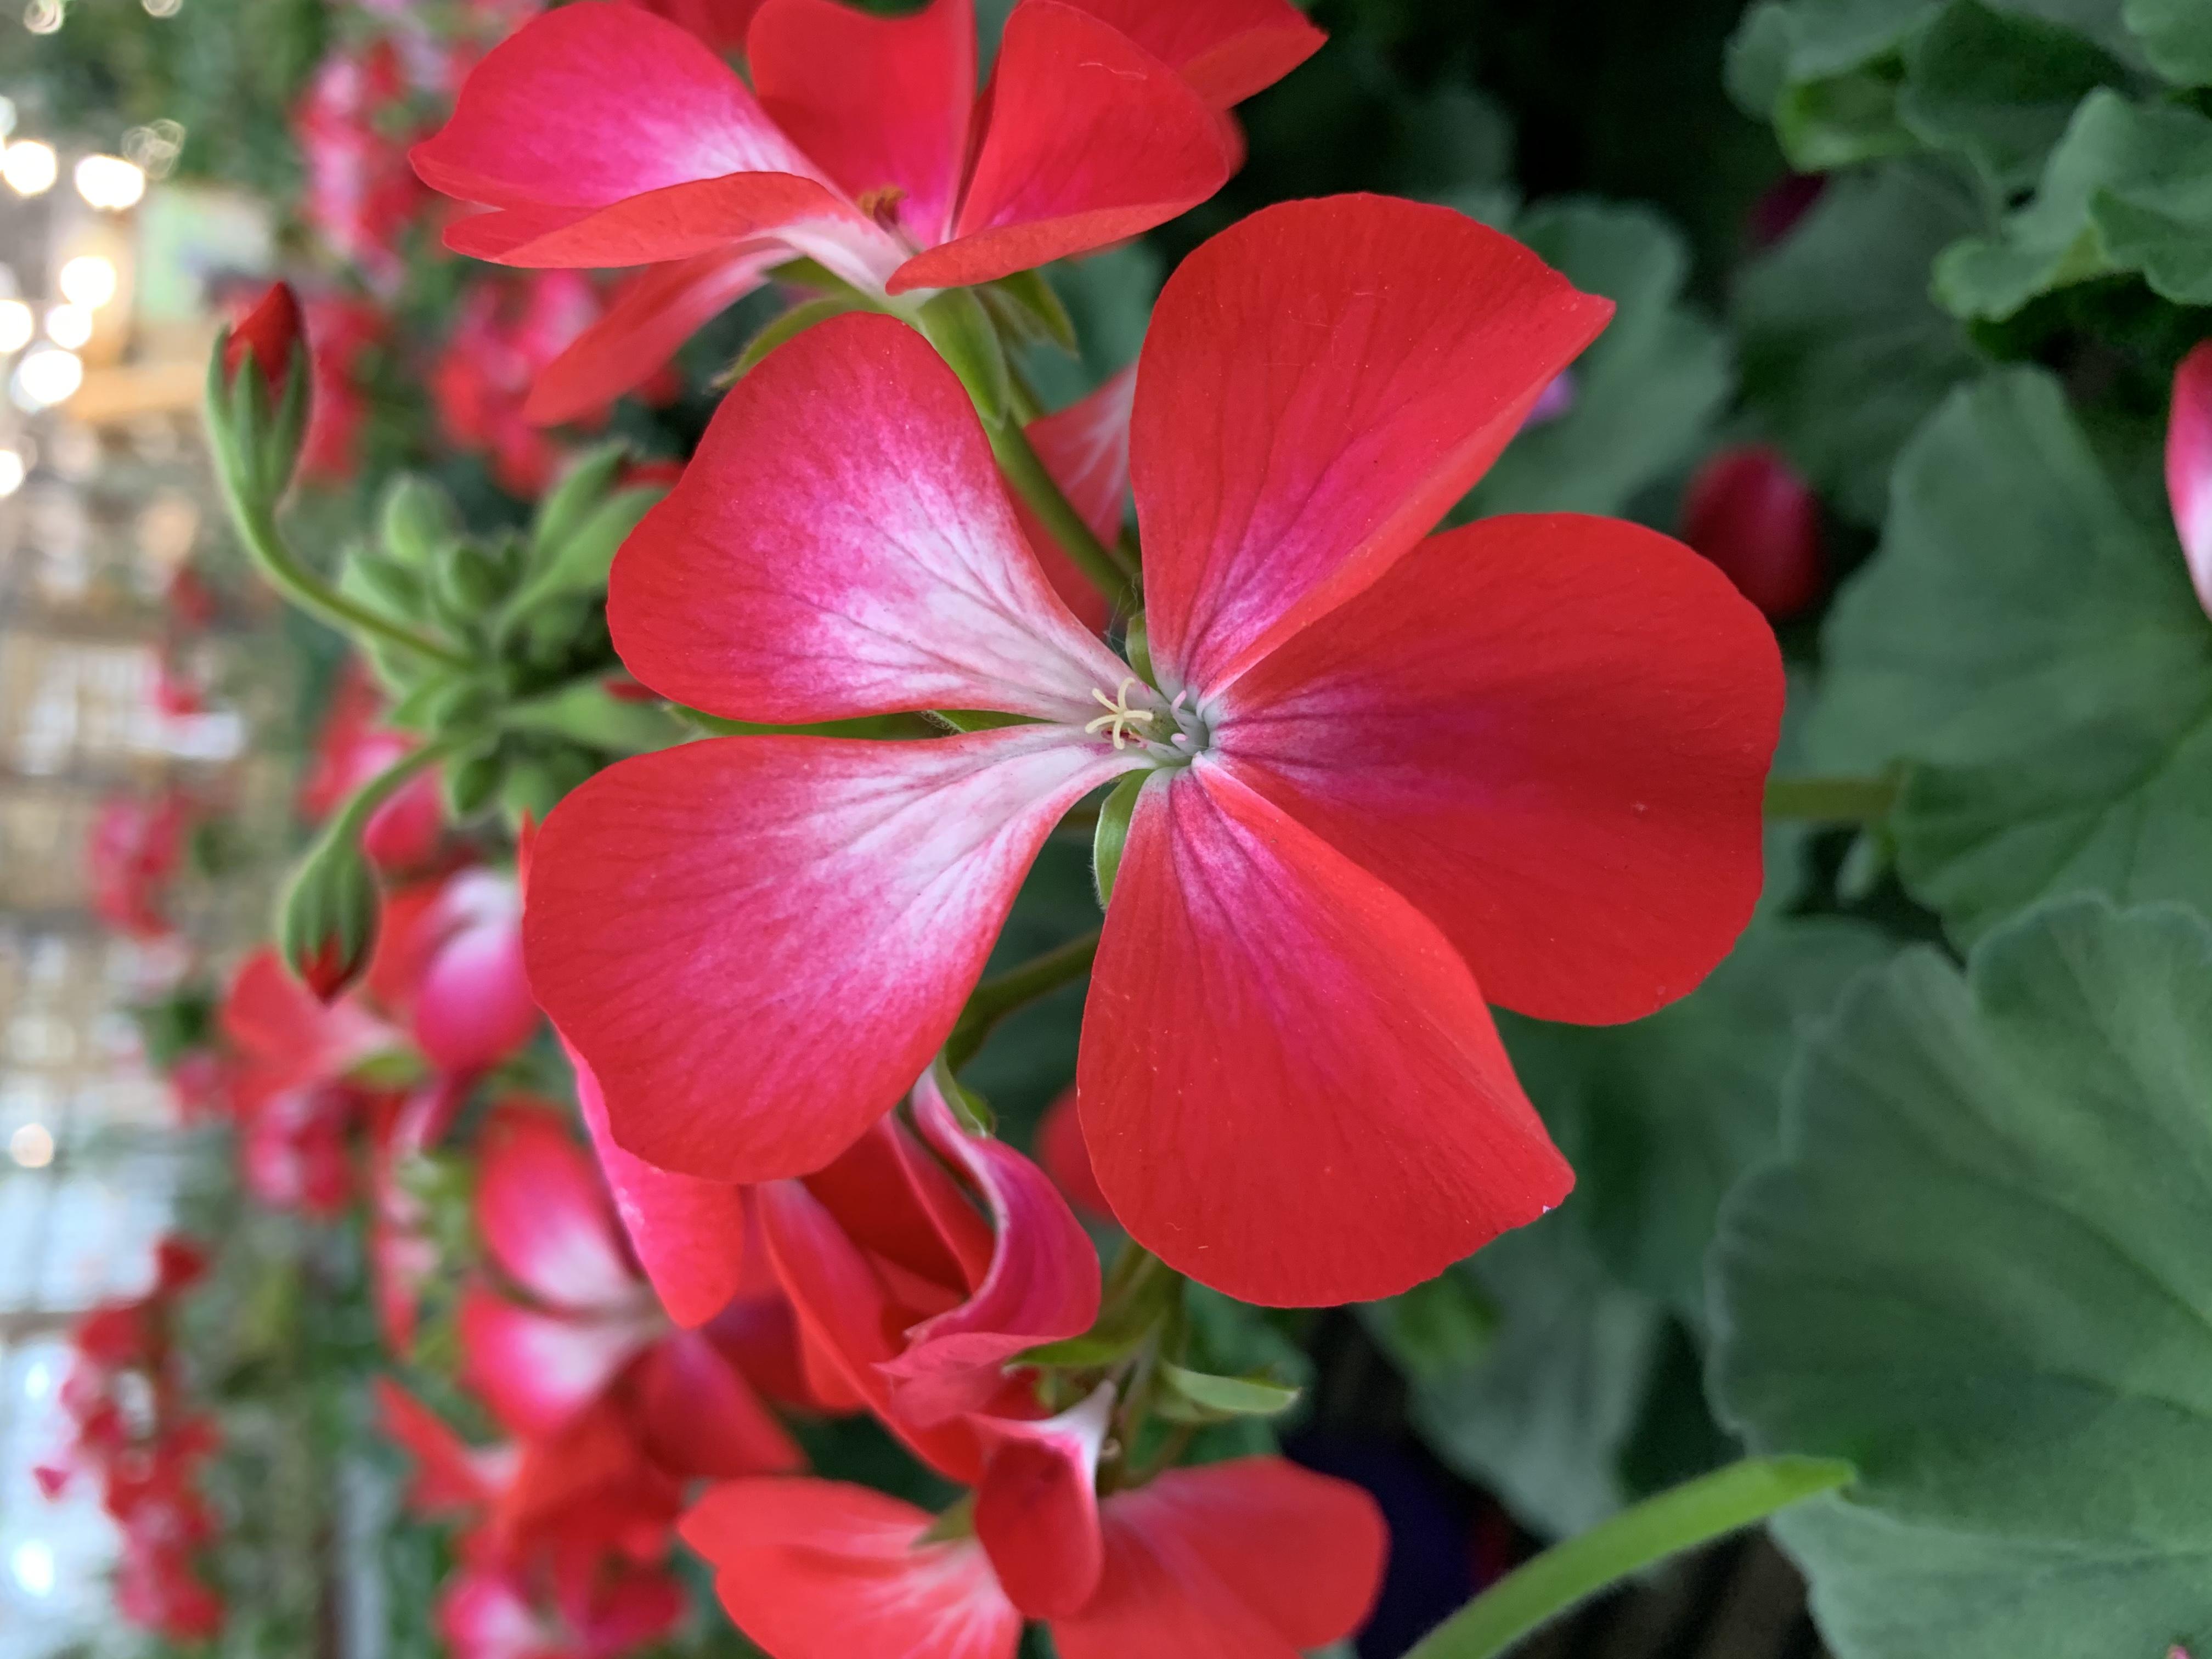 Il geranio è il tipico fiore da pieno sole, che con un po' di concime esplode in fioriture meravigliose che durano tutta l'estate.